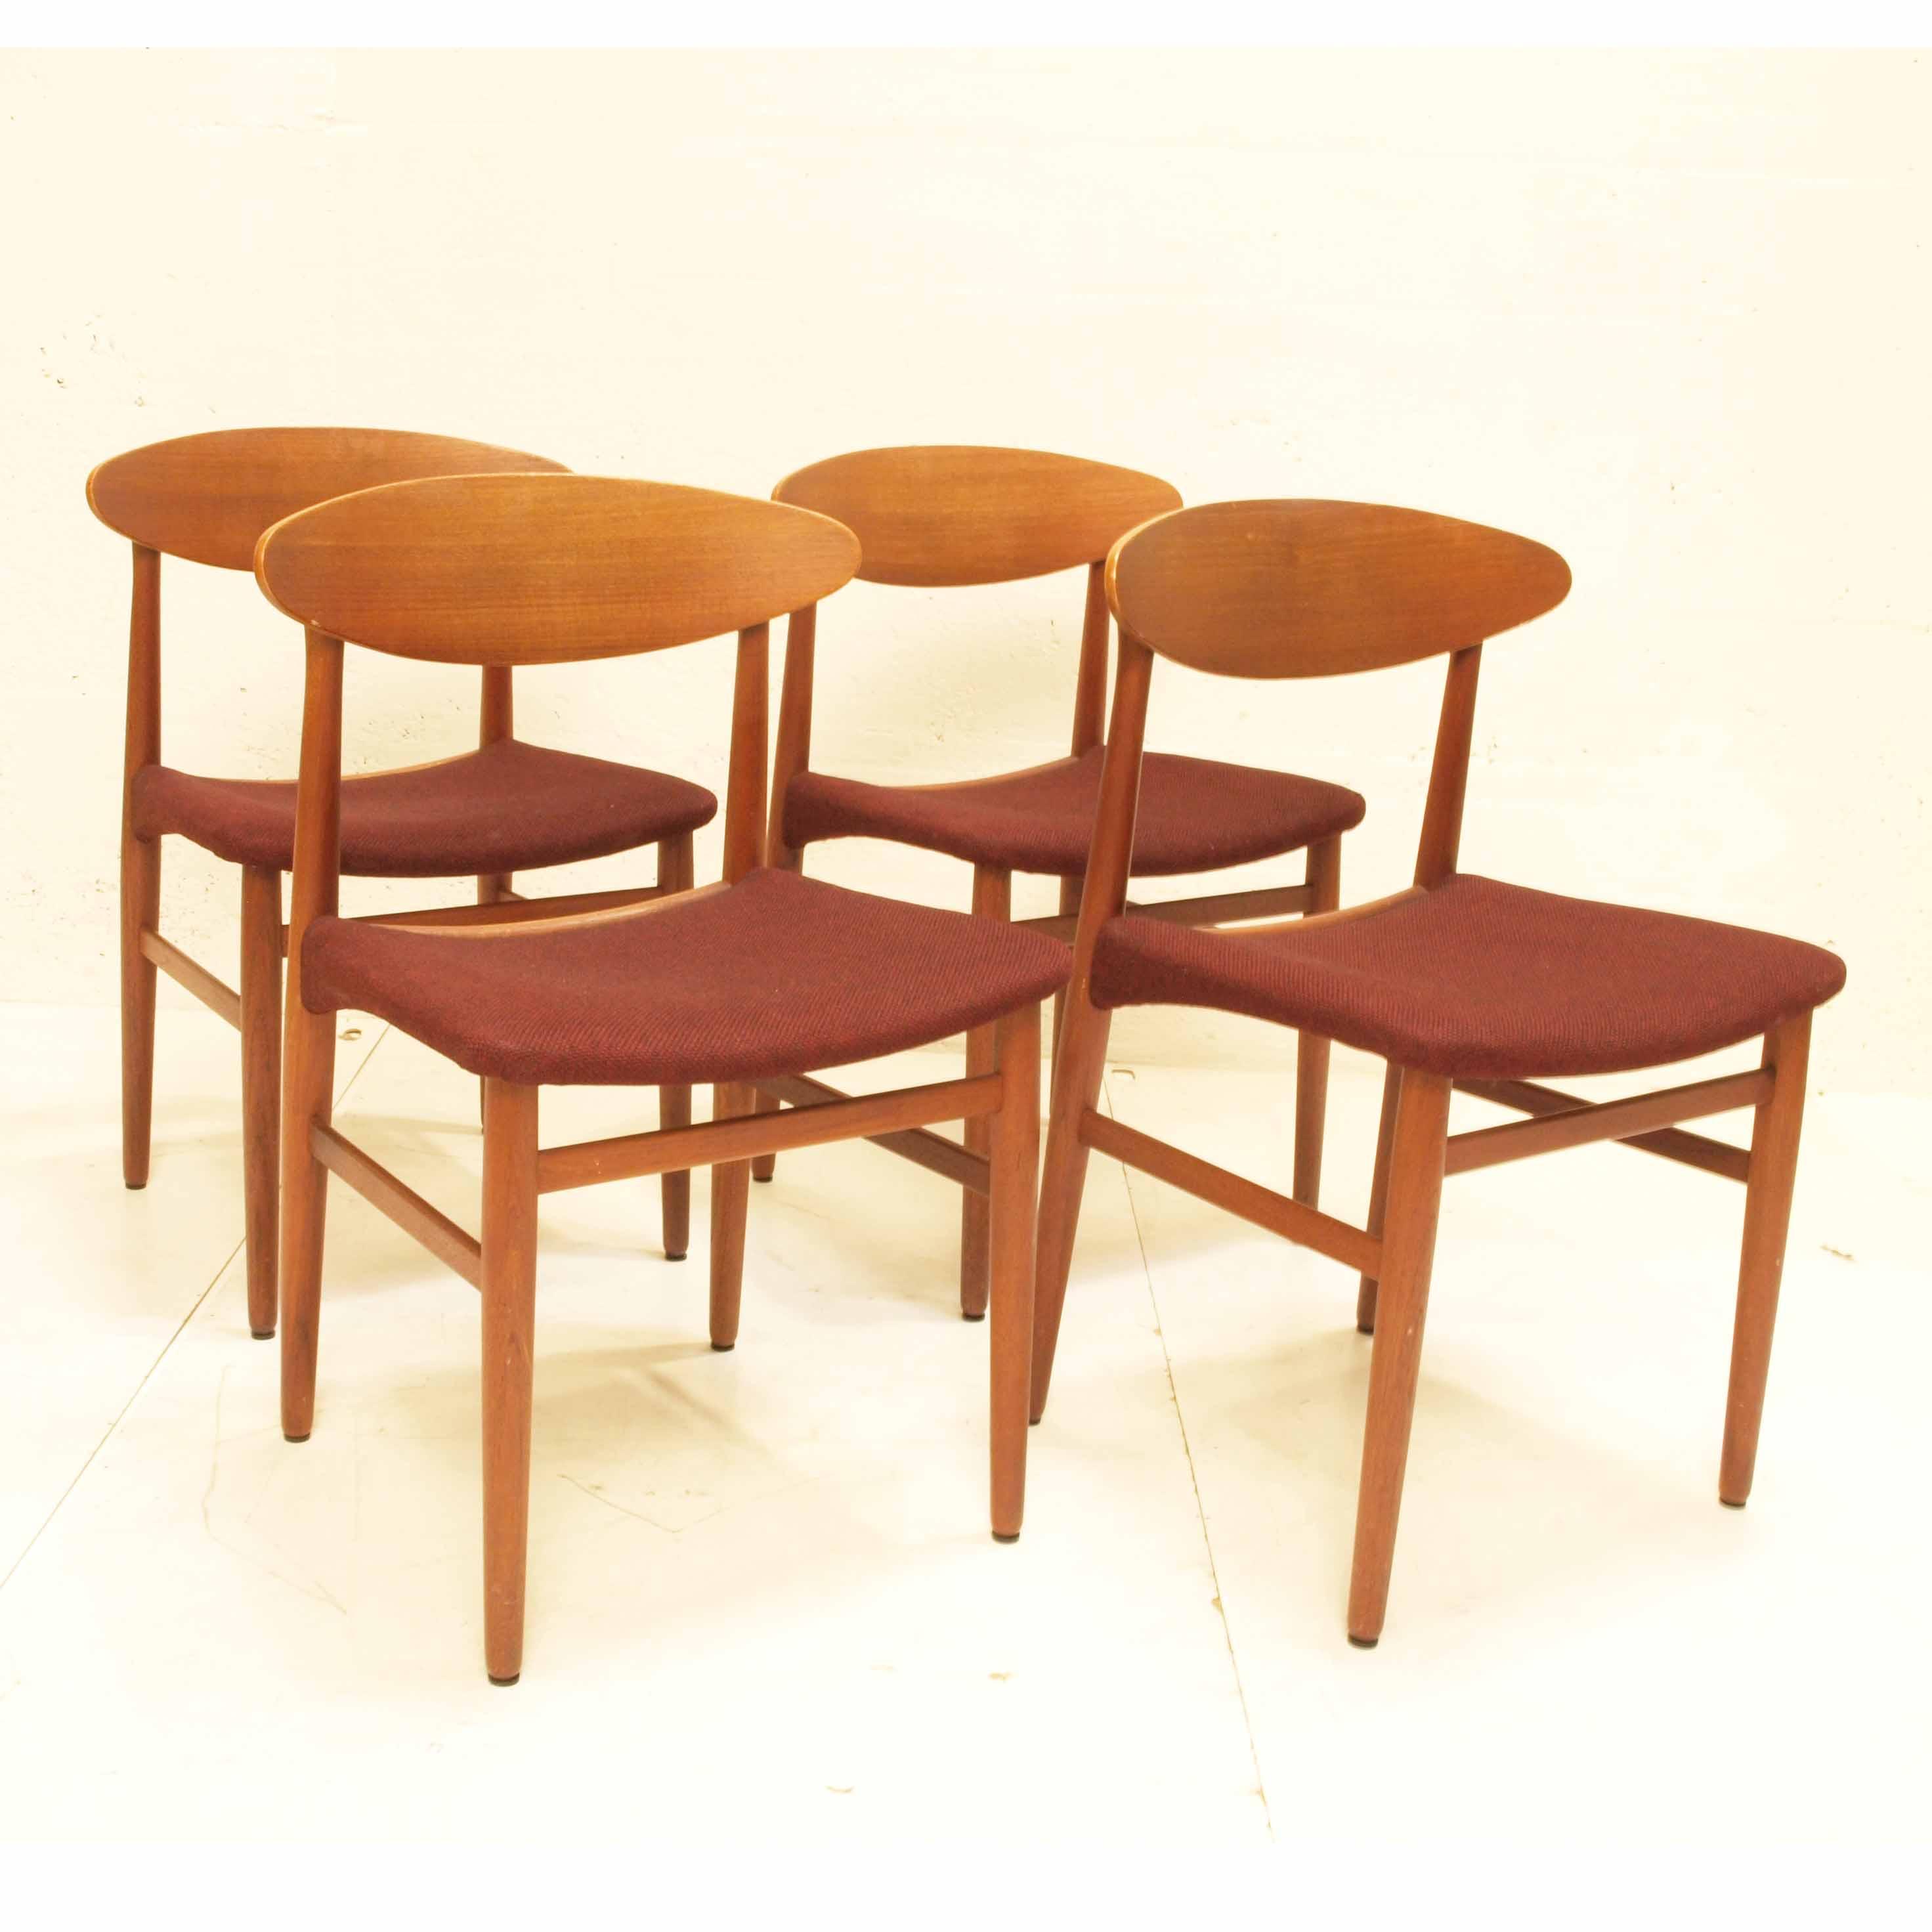 4er Set dänische Stühle aus Teak | Möbel Zürich | Vintagemöbel